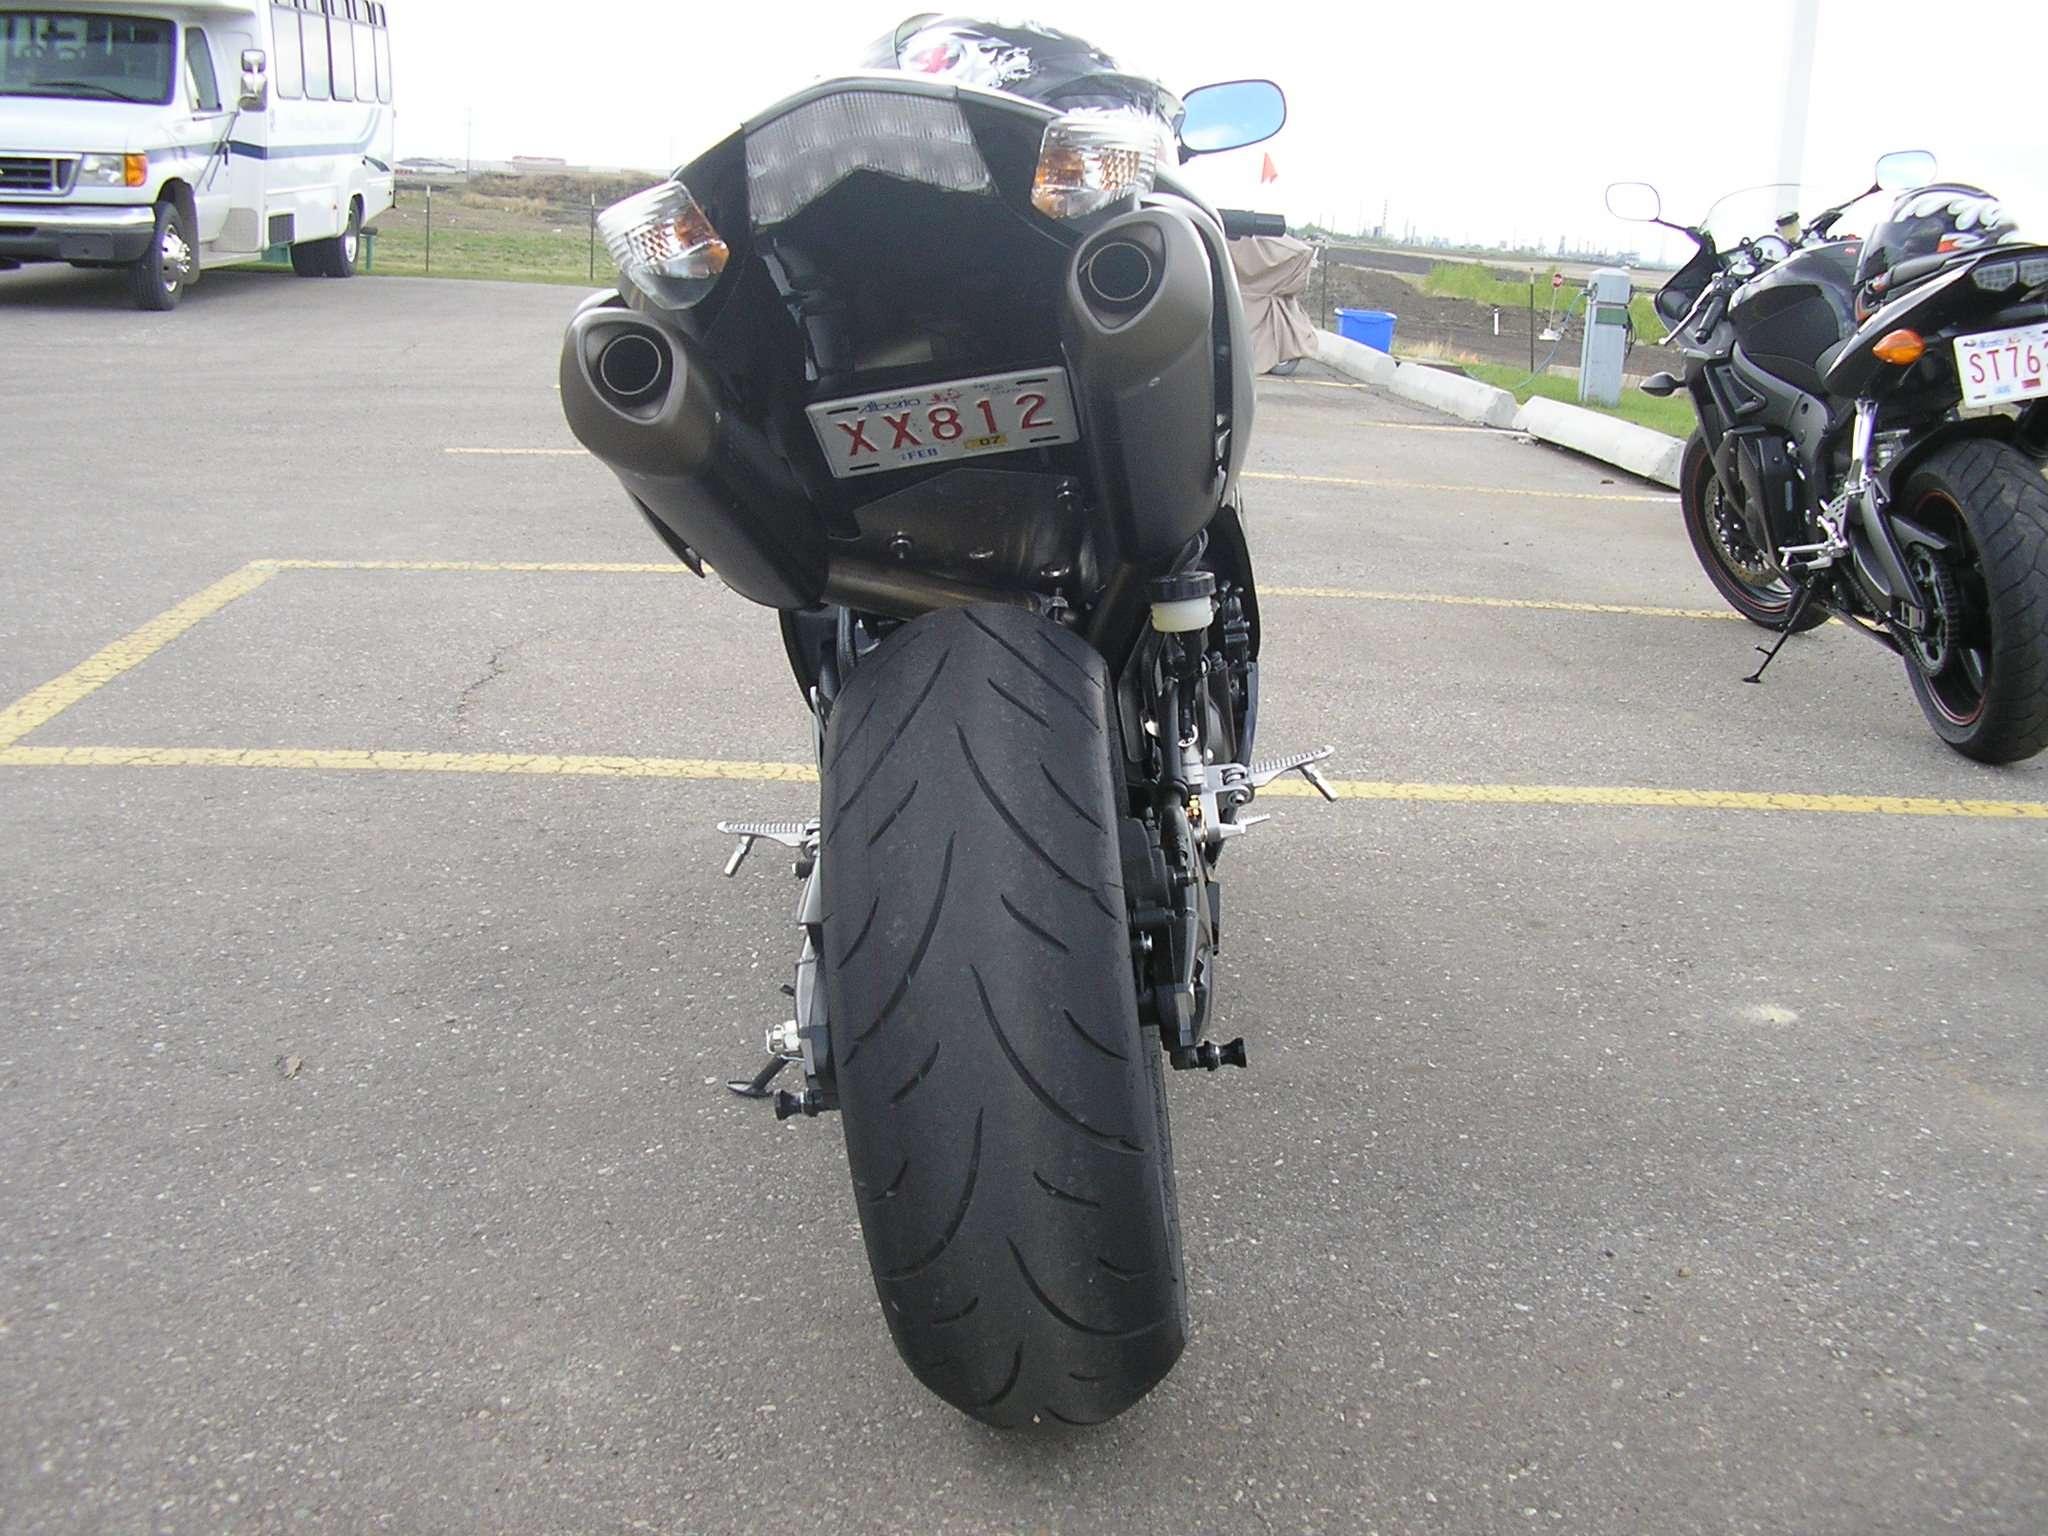 Skrivanje tablice na motoru